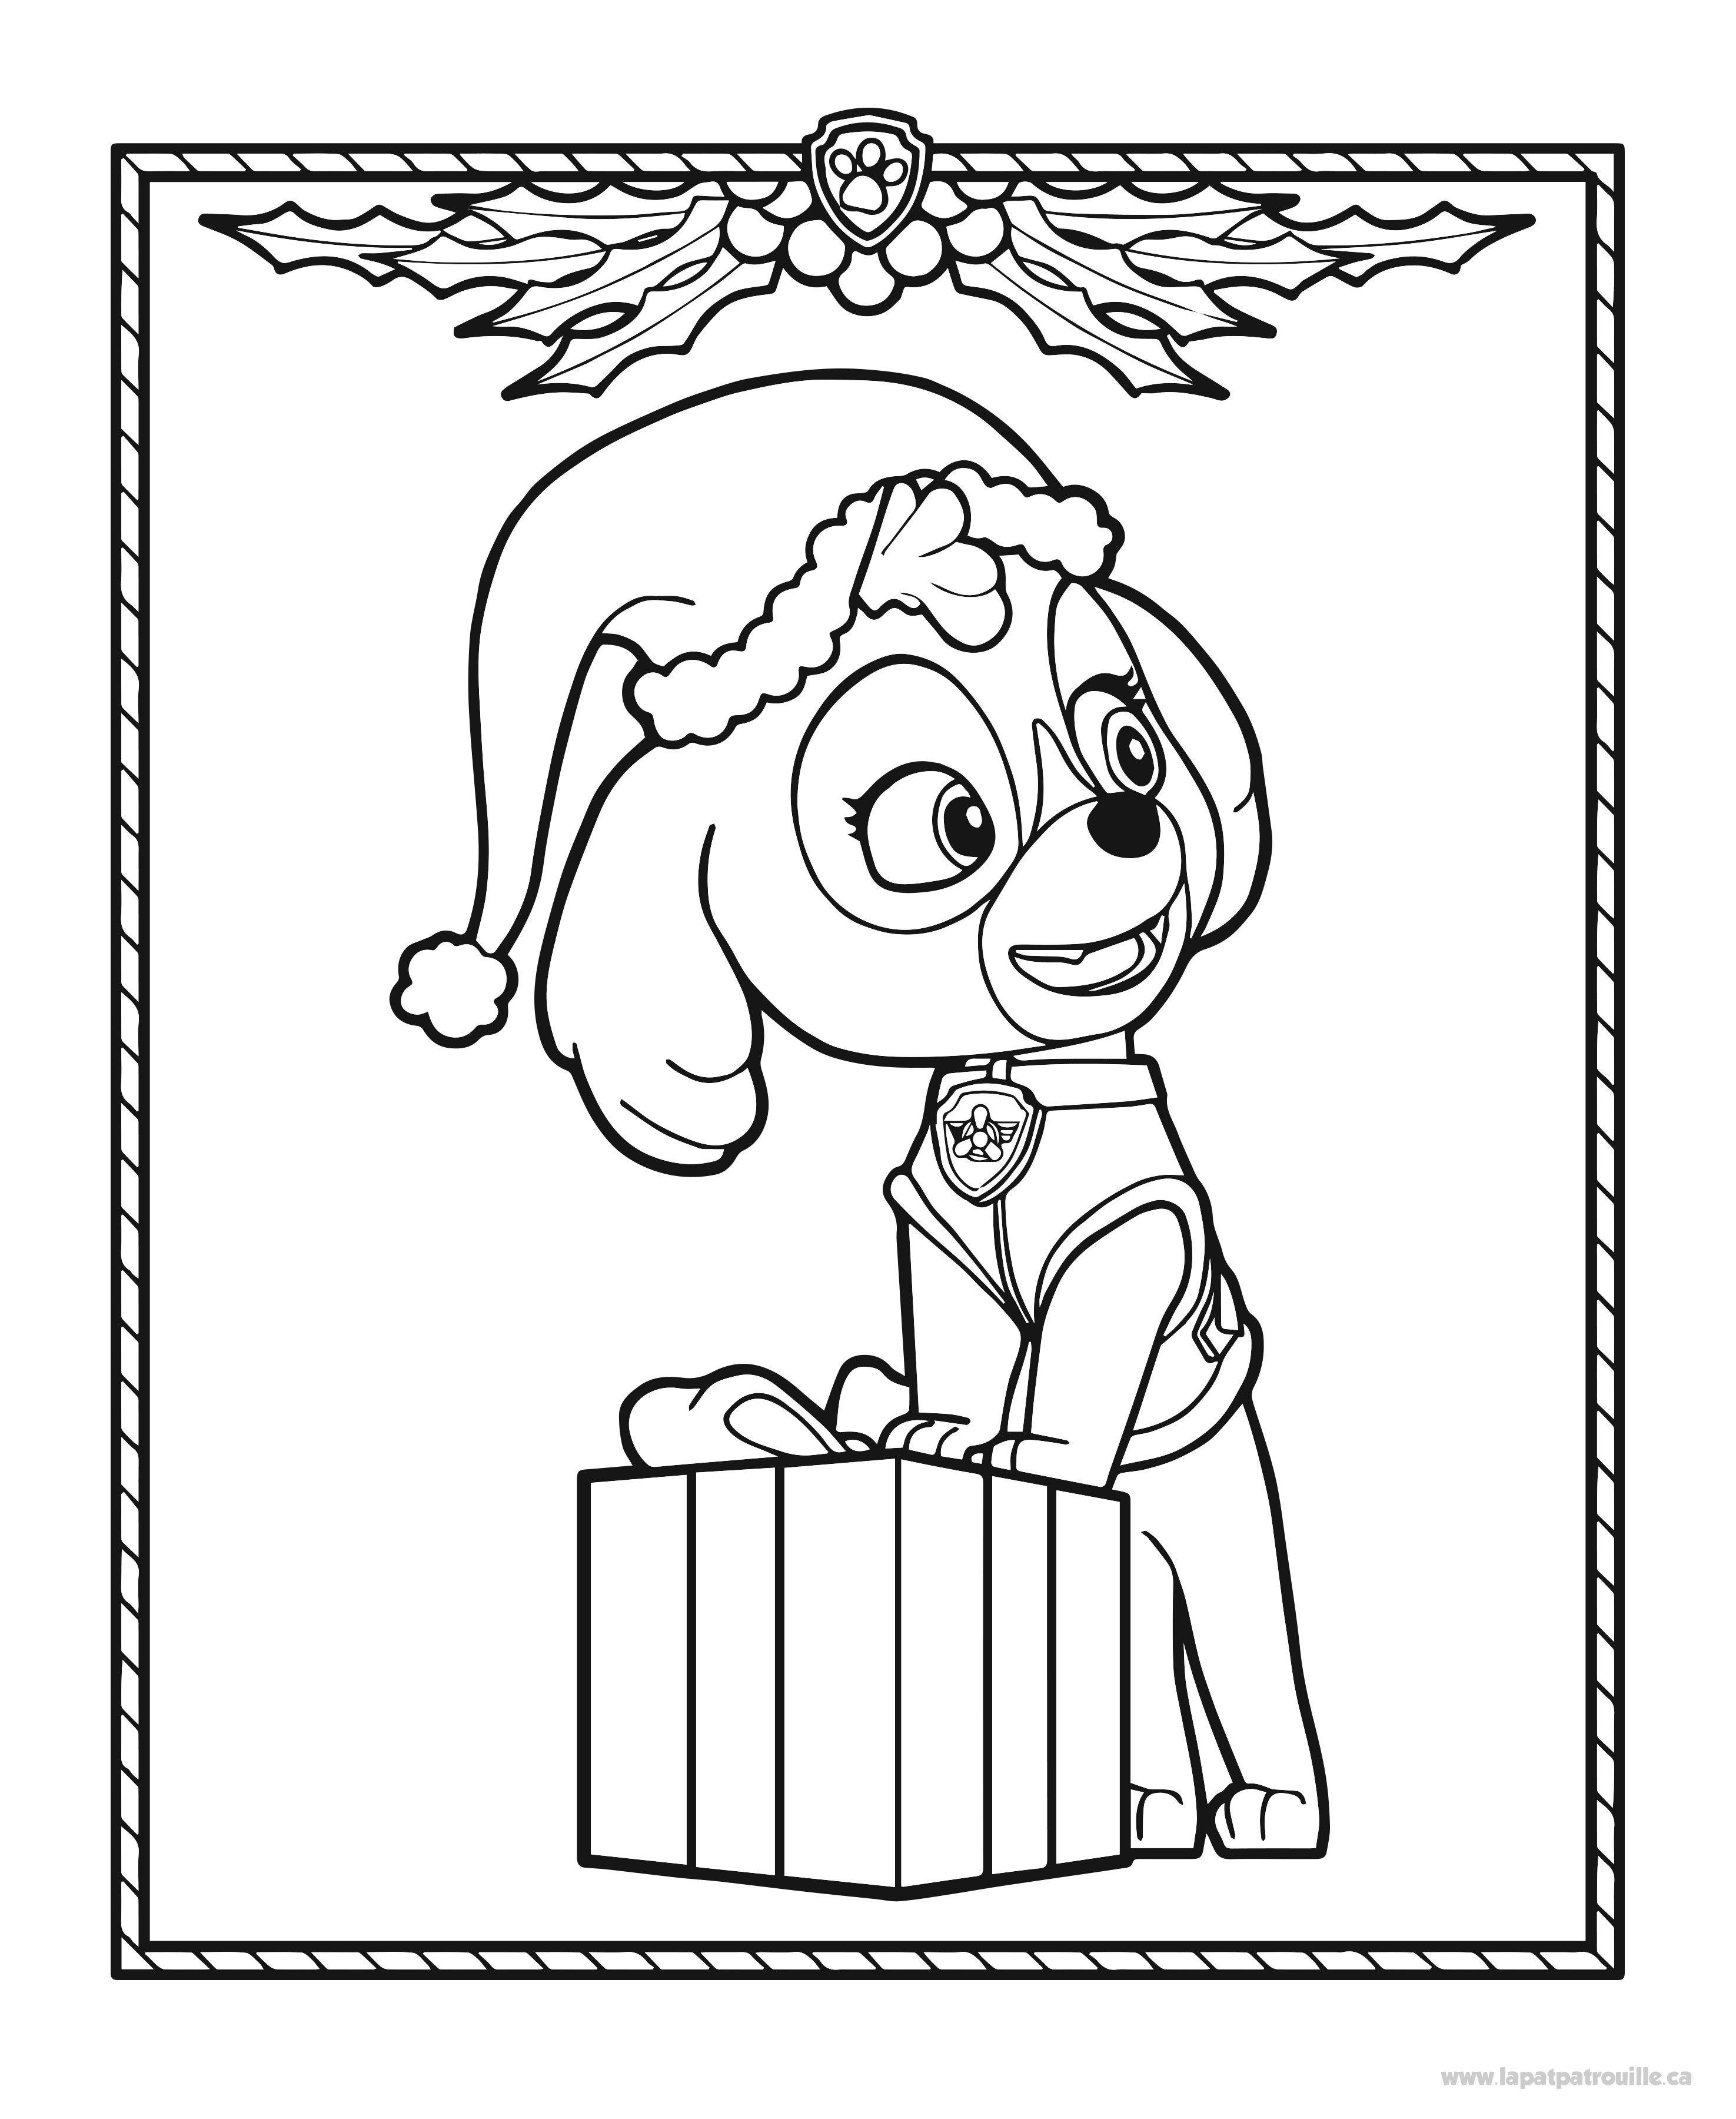 Épinglé sur Coloriage • Noël